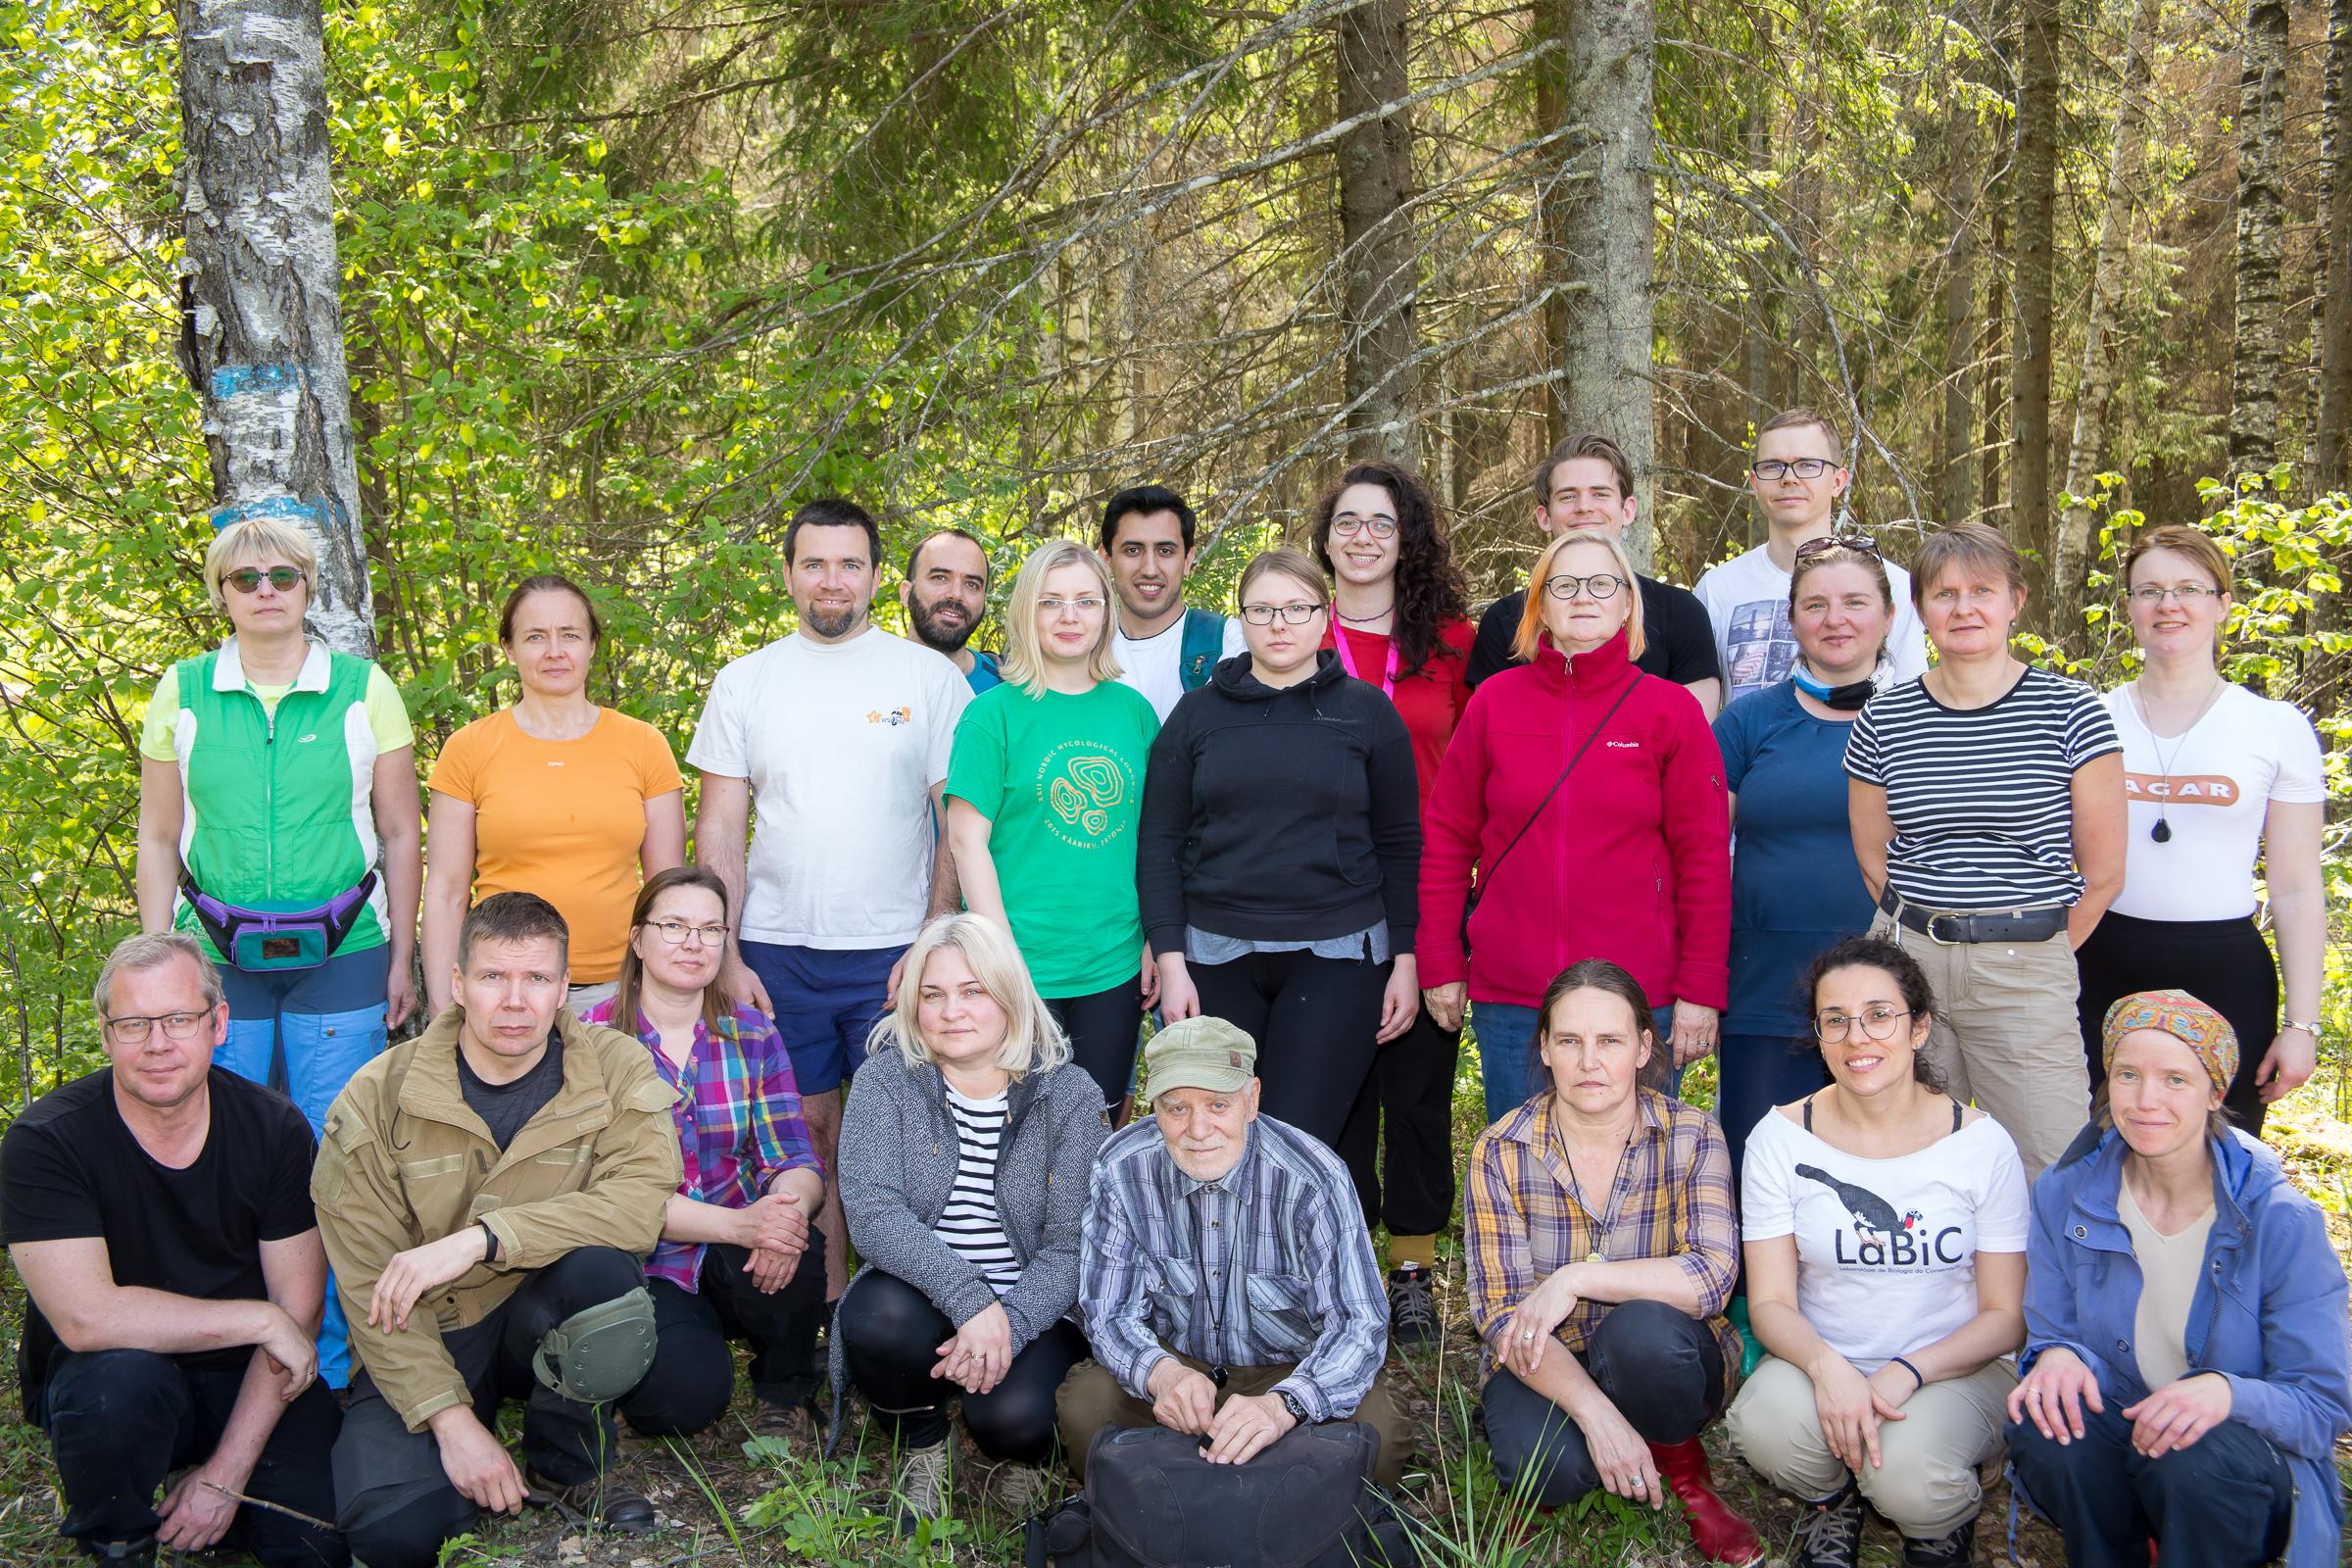 Tänavu Tõstamaal toimunud kevadises seenelaagris osales paarkümmend huvilist nii Eestist kui ka kaugemalt Foto: Veiko Kastanje